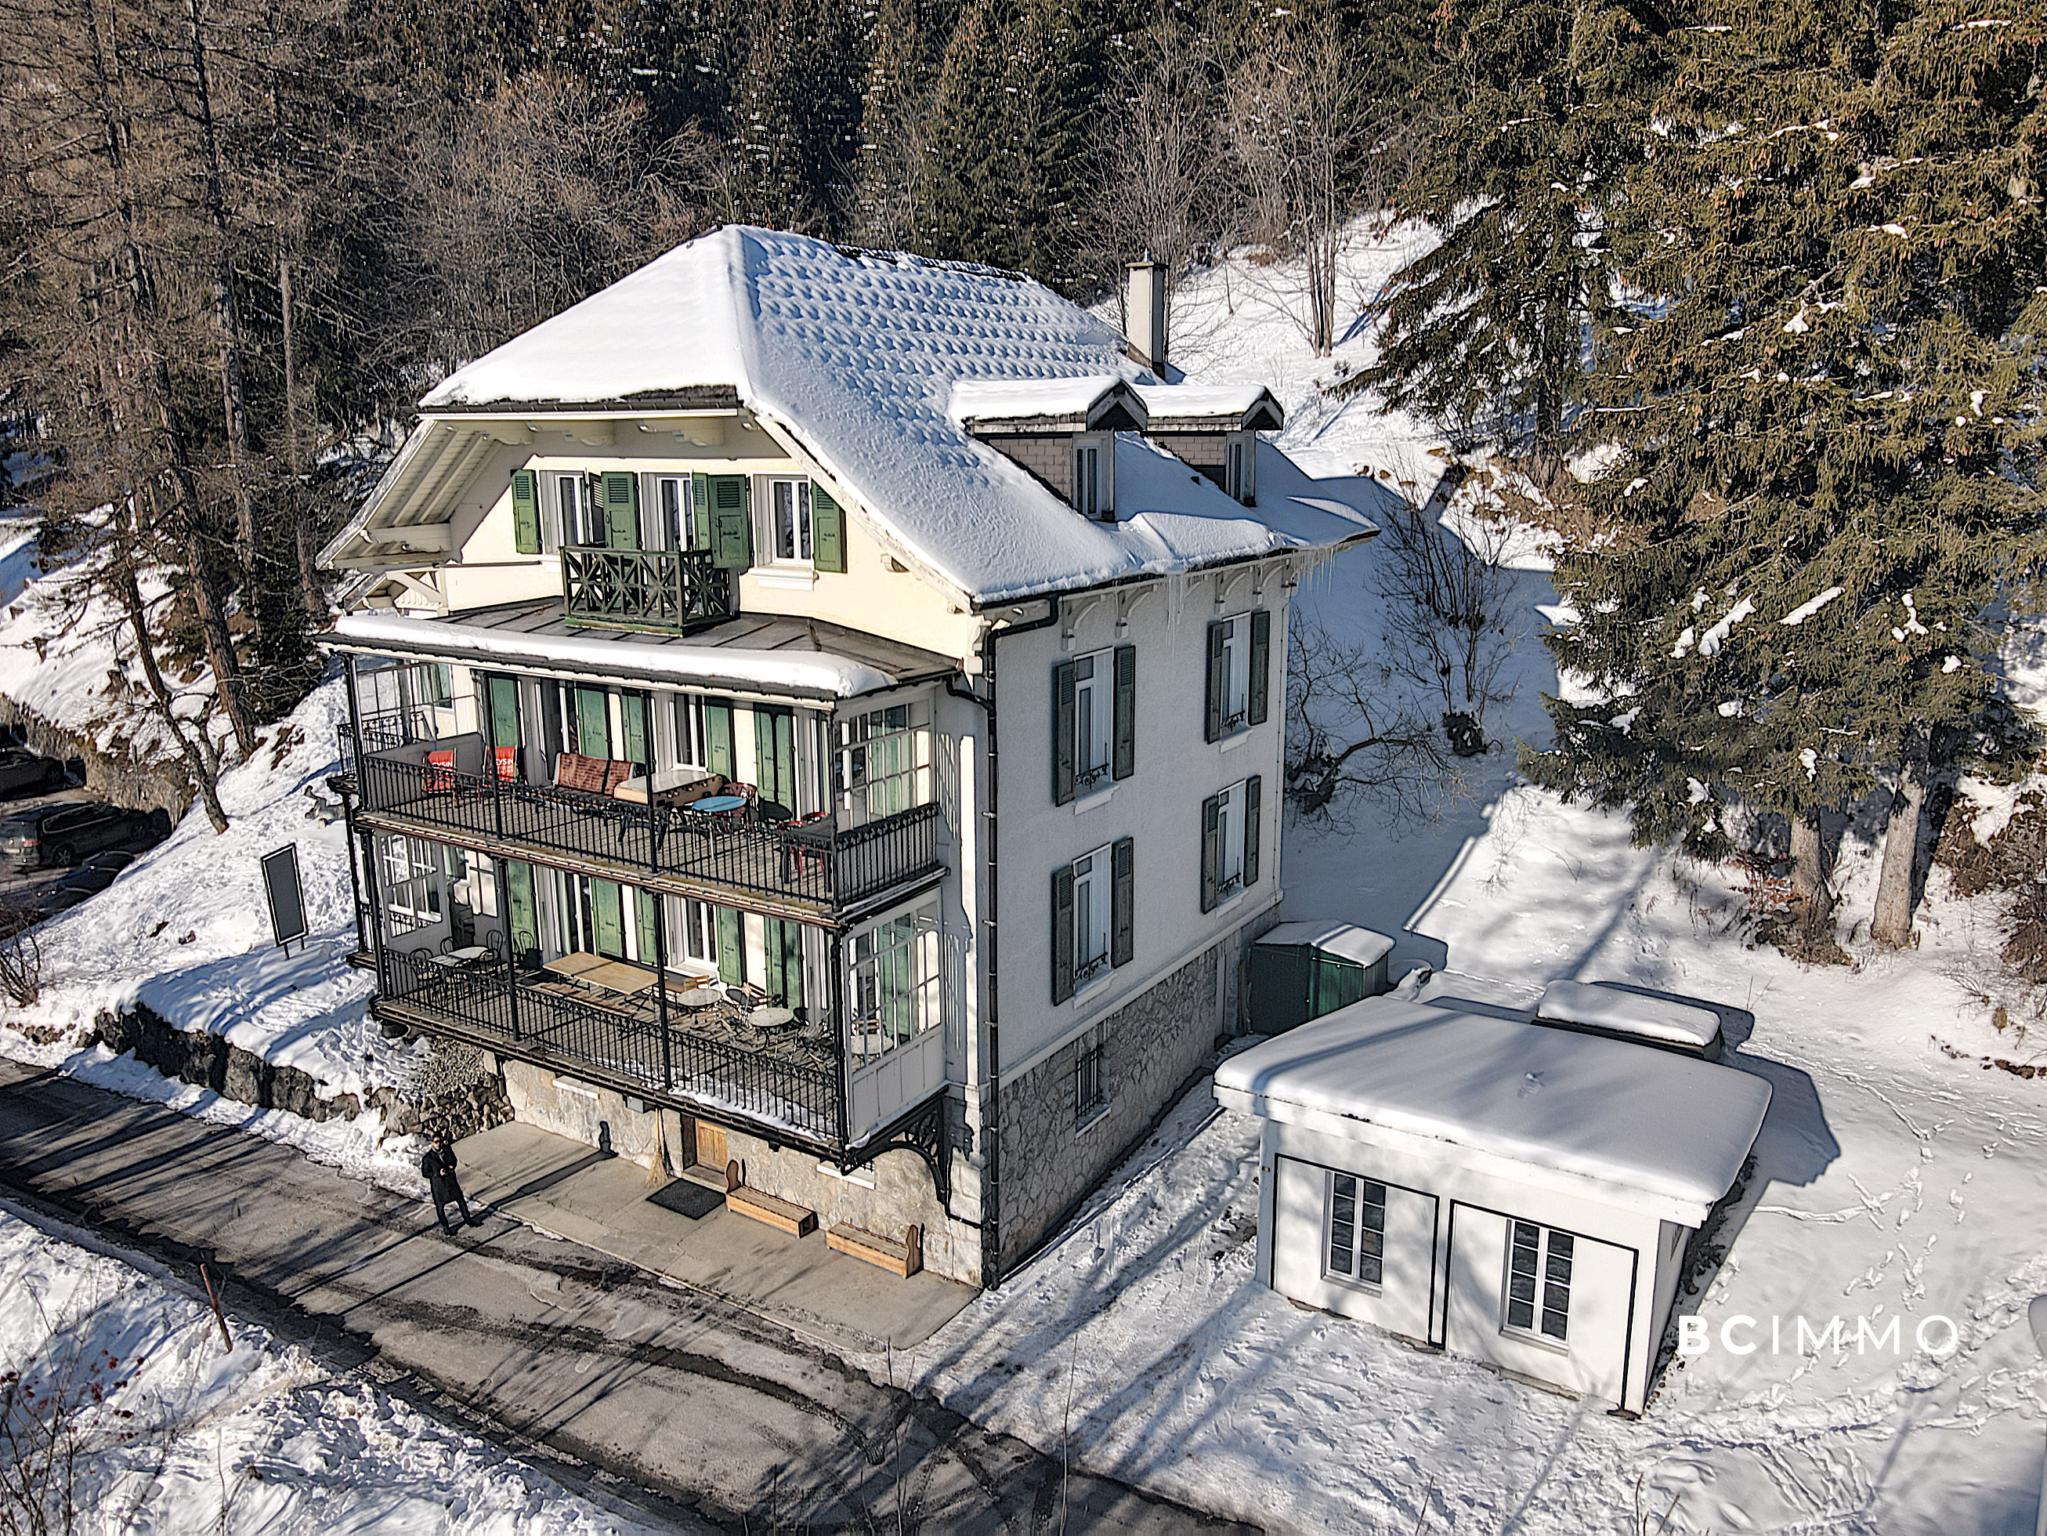 BC Immo - Magnifique bâtisse du 20ème siècle avec vue et ensoleillement exceptionnels - LYSN1854VLJ